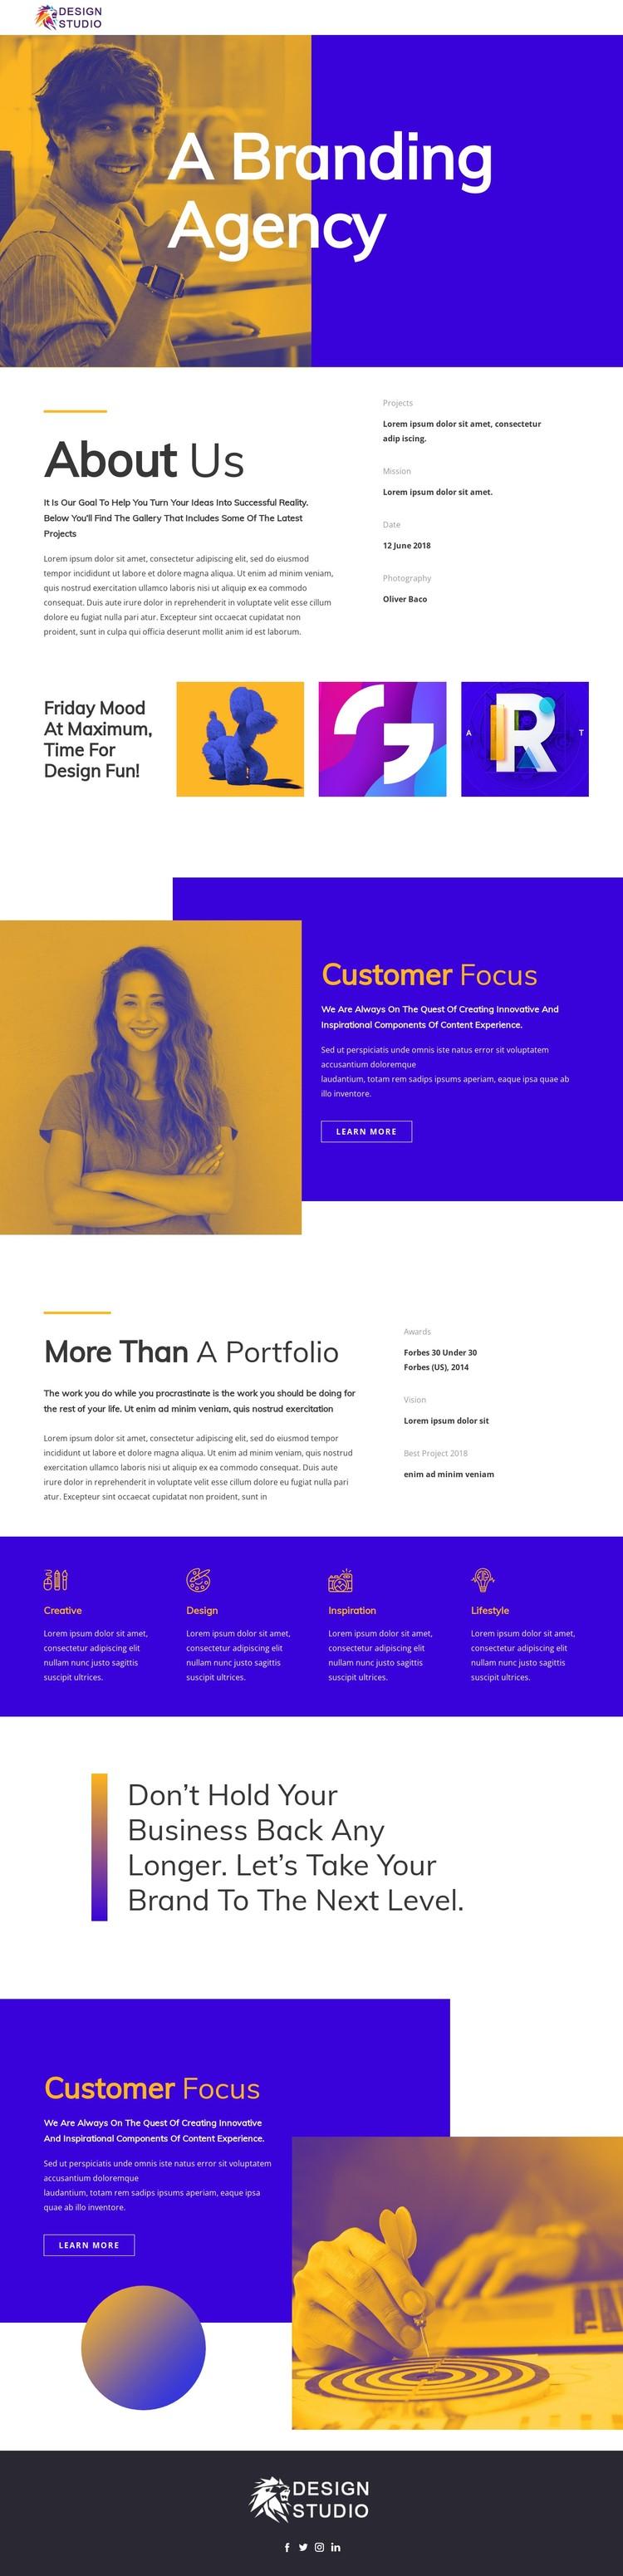 Branding agency for startup Static Site Generator